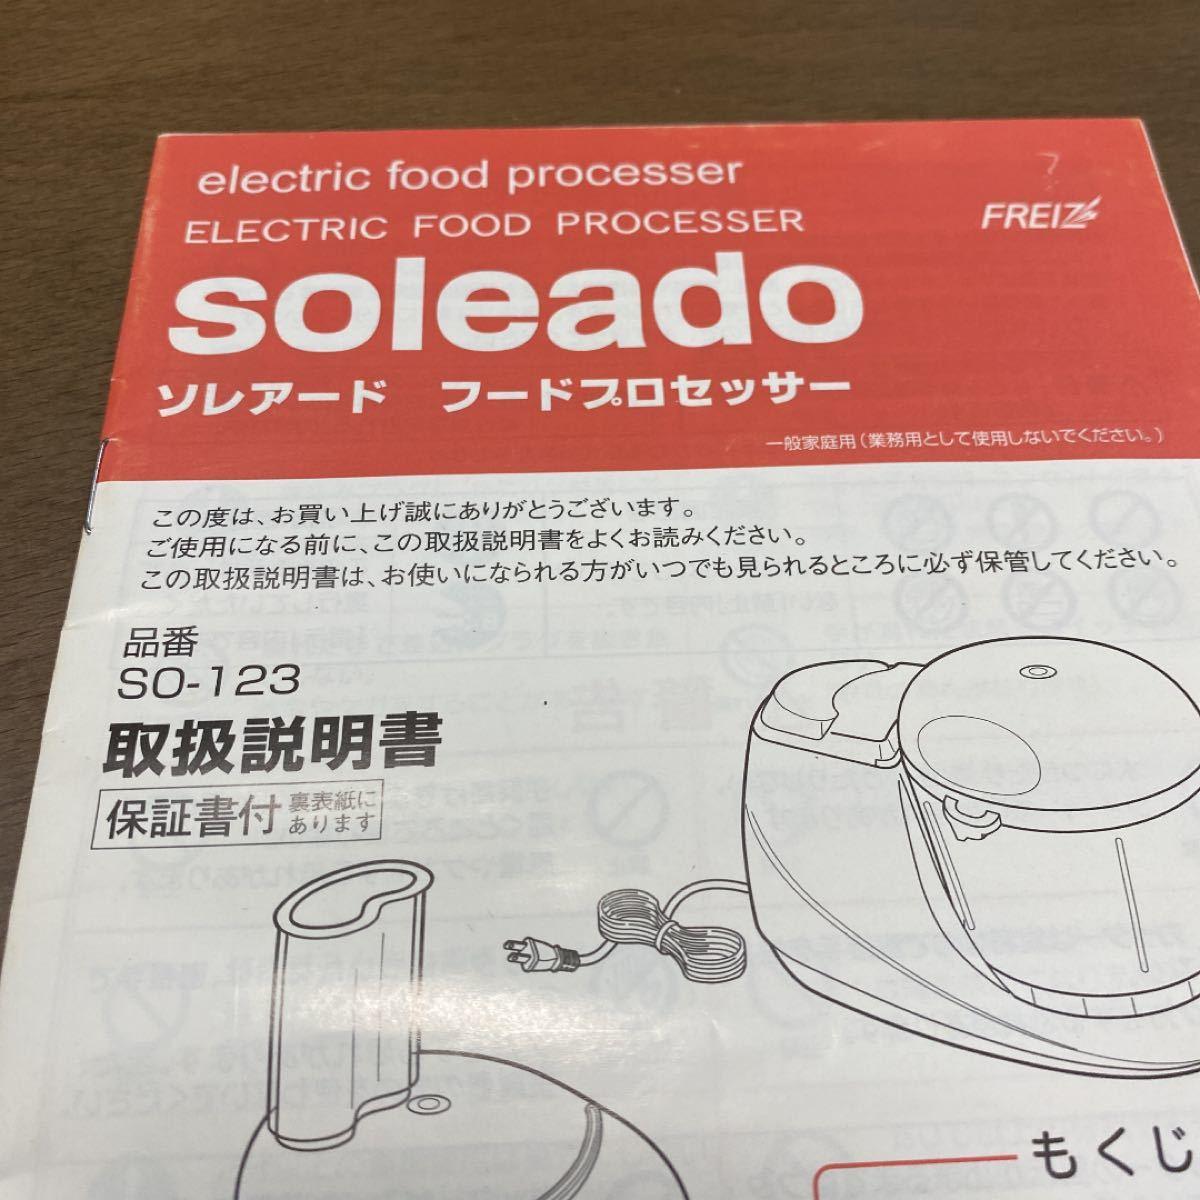 ソレアード フードプロセッサー取扱説明書付き